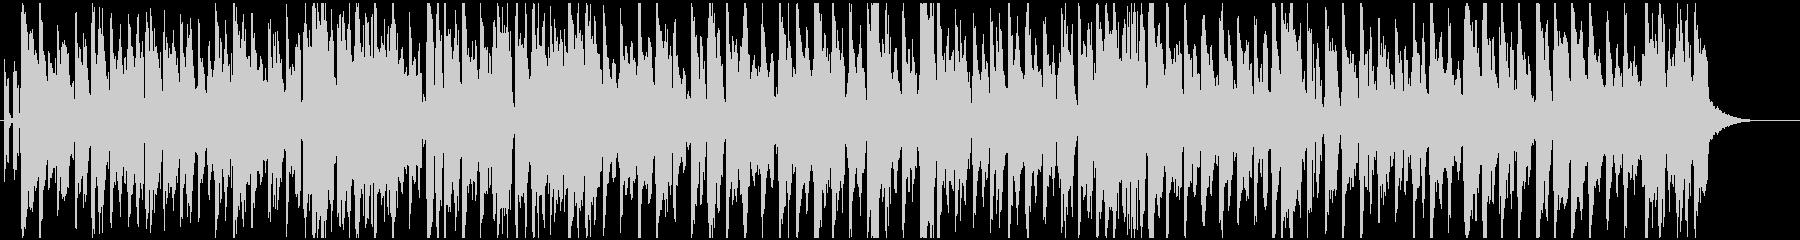 ハッピーバースデー うきうきバージョンの未再生の波形